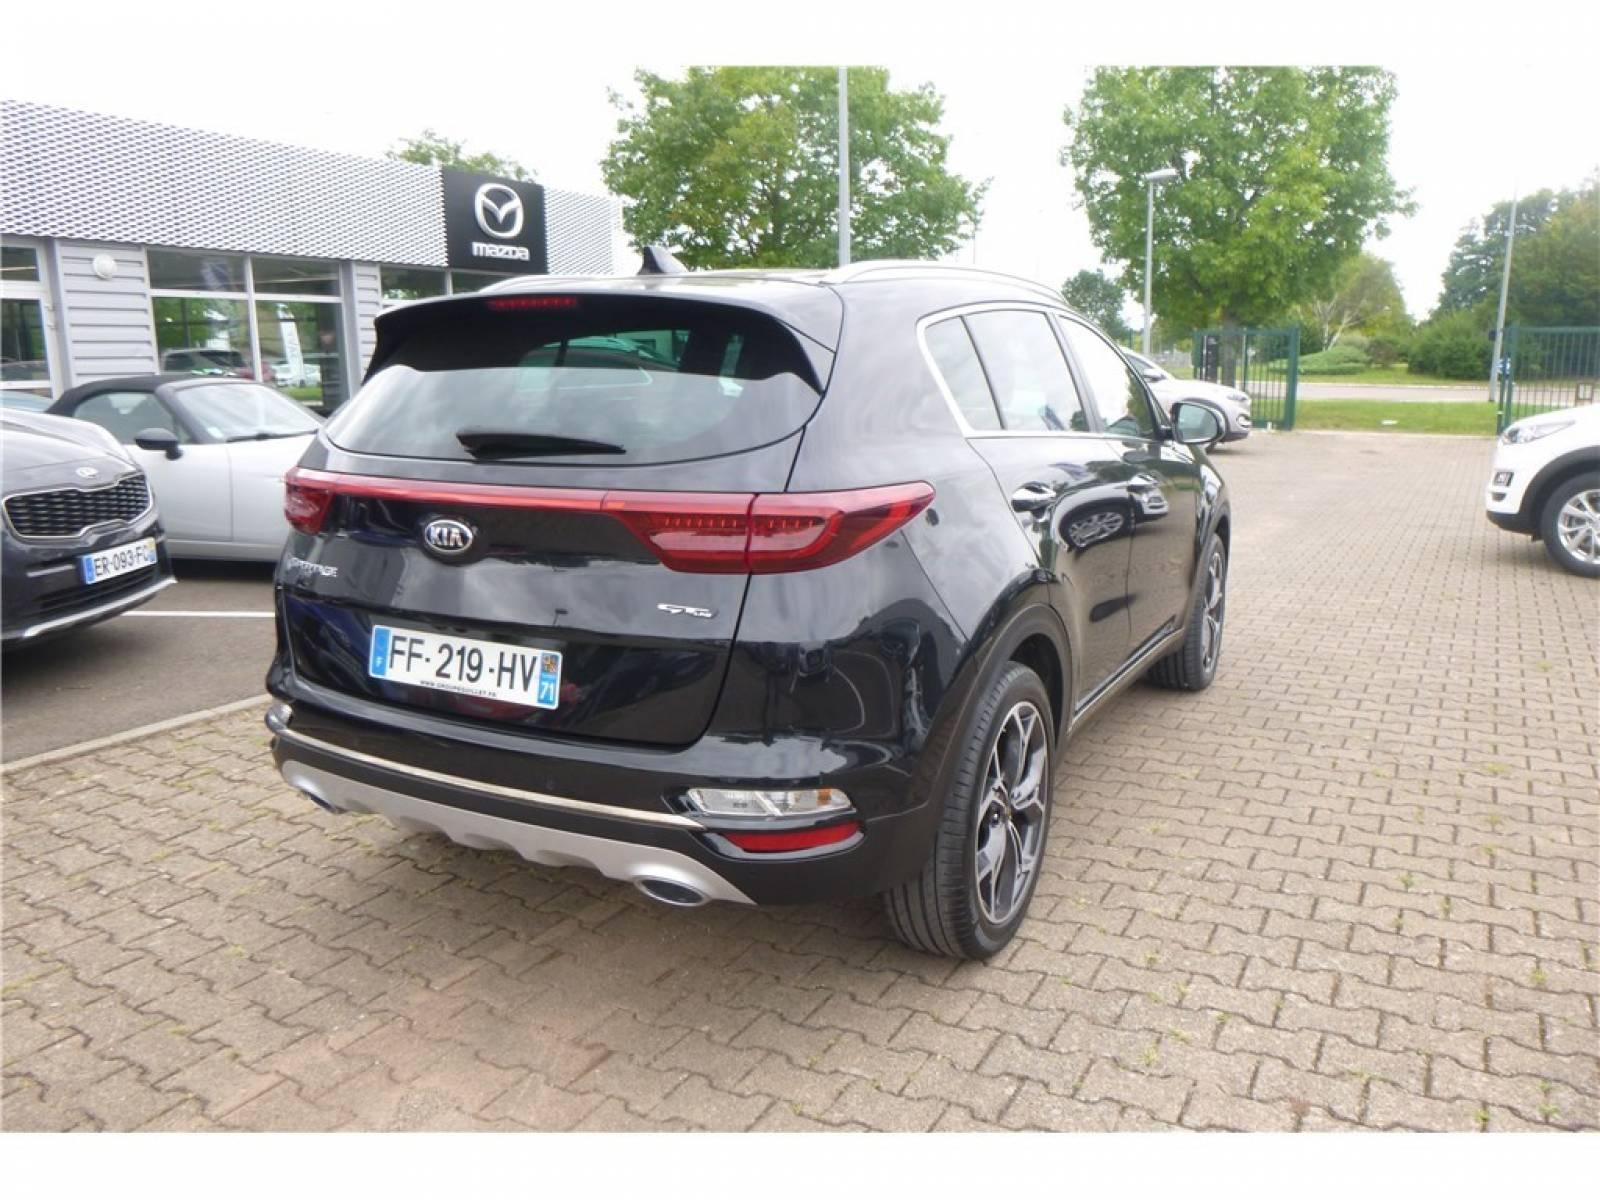 KIA Sportage 1.6 CRDi 136 ISG 4x2 BVM6 - véhicule d'occasion - Groupe Guillet - Chalon Automobiles - 71100 - Chalon-sur-Saône - 19